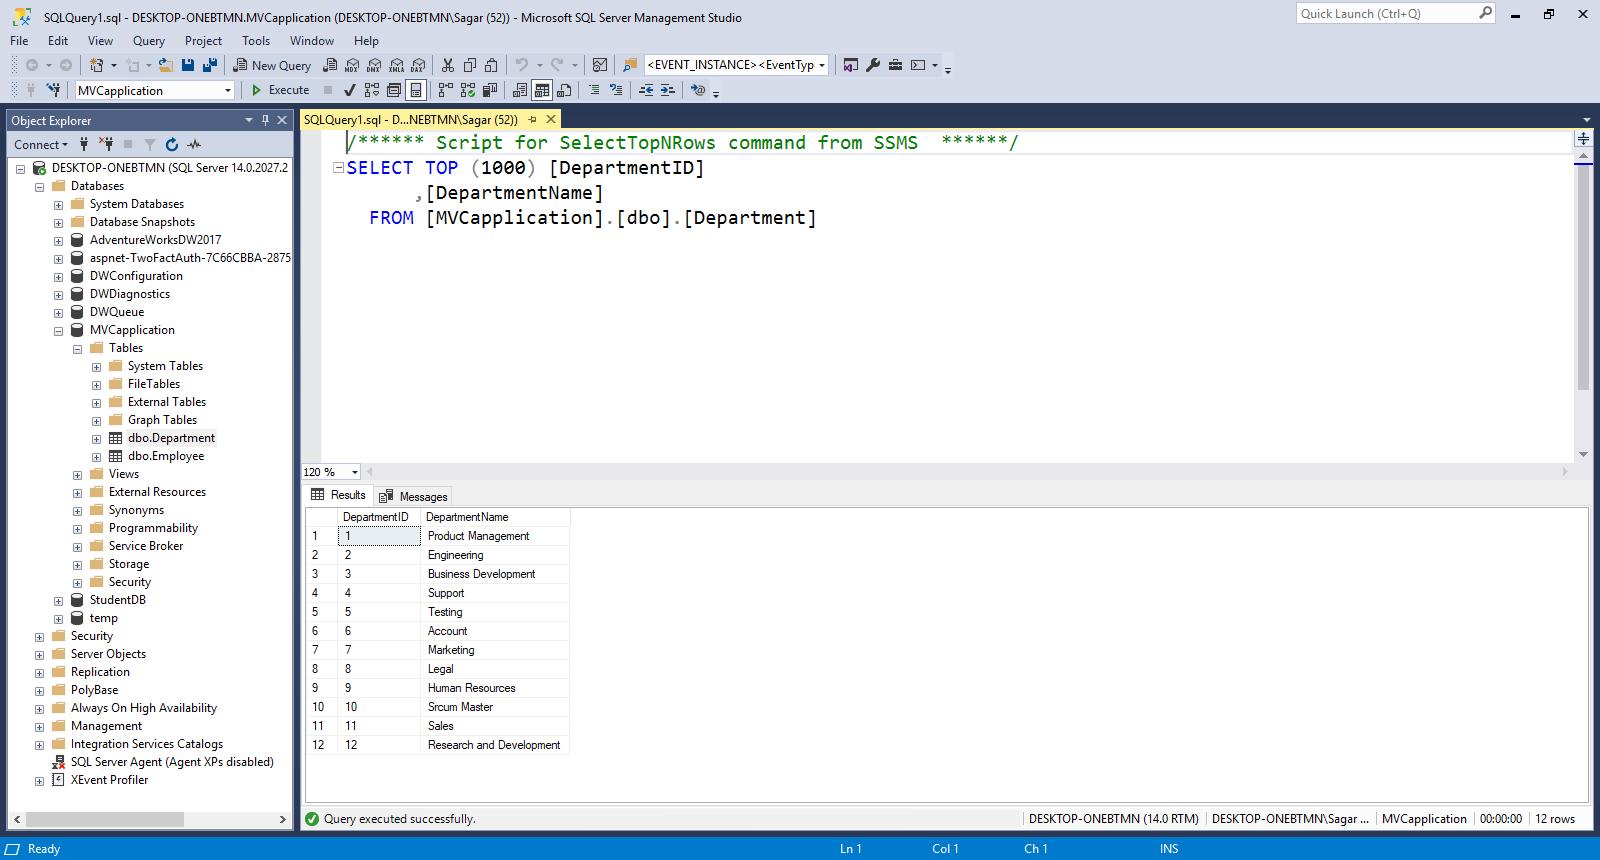 DropDownList from DataBase fields